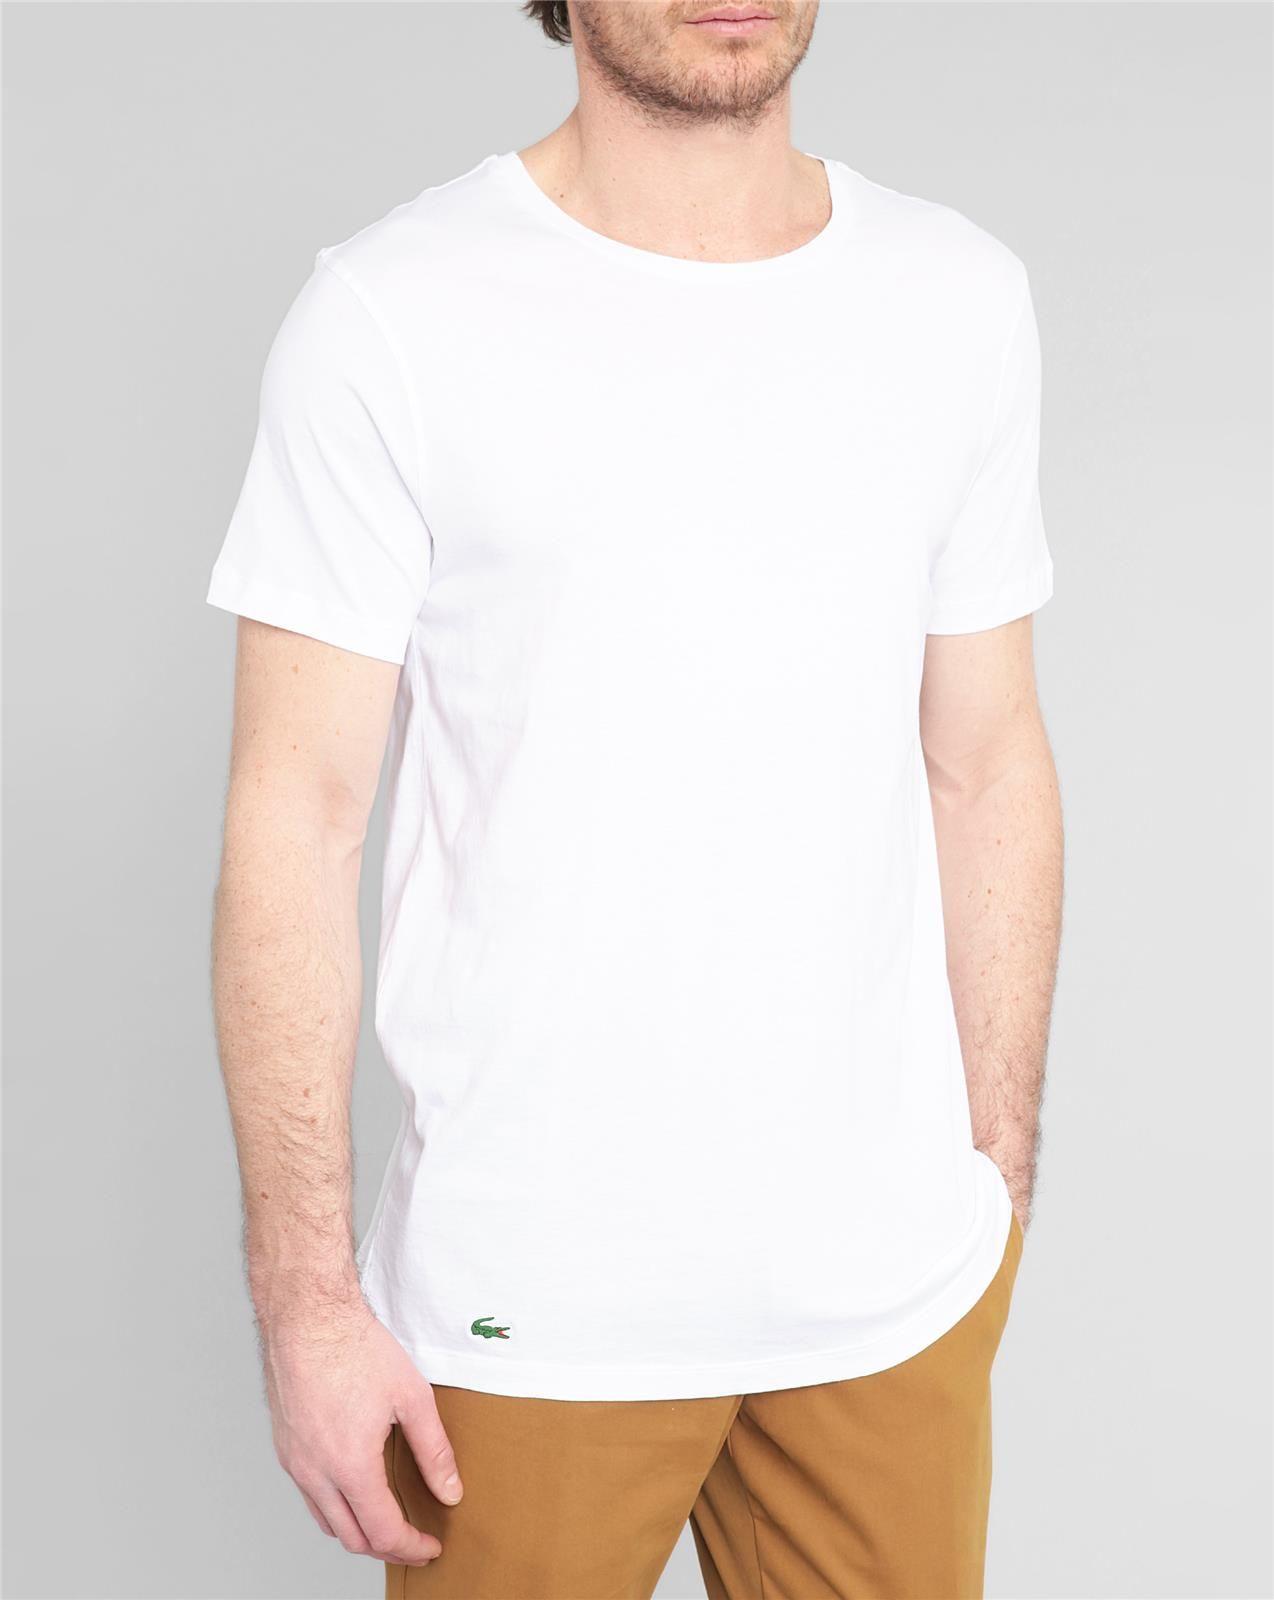 4b848d4230dc7 Lacoste Essentials Supima Cotton 3-Pack V-Neck T-Shirt